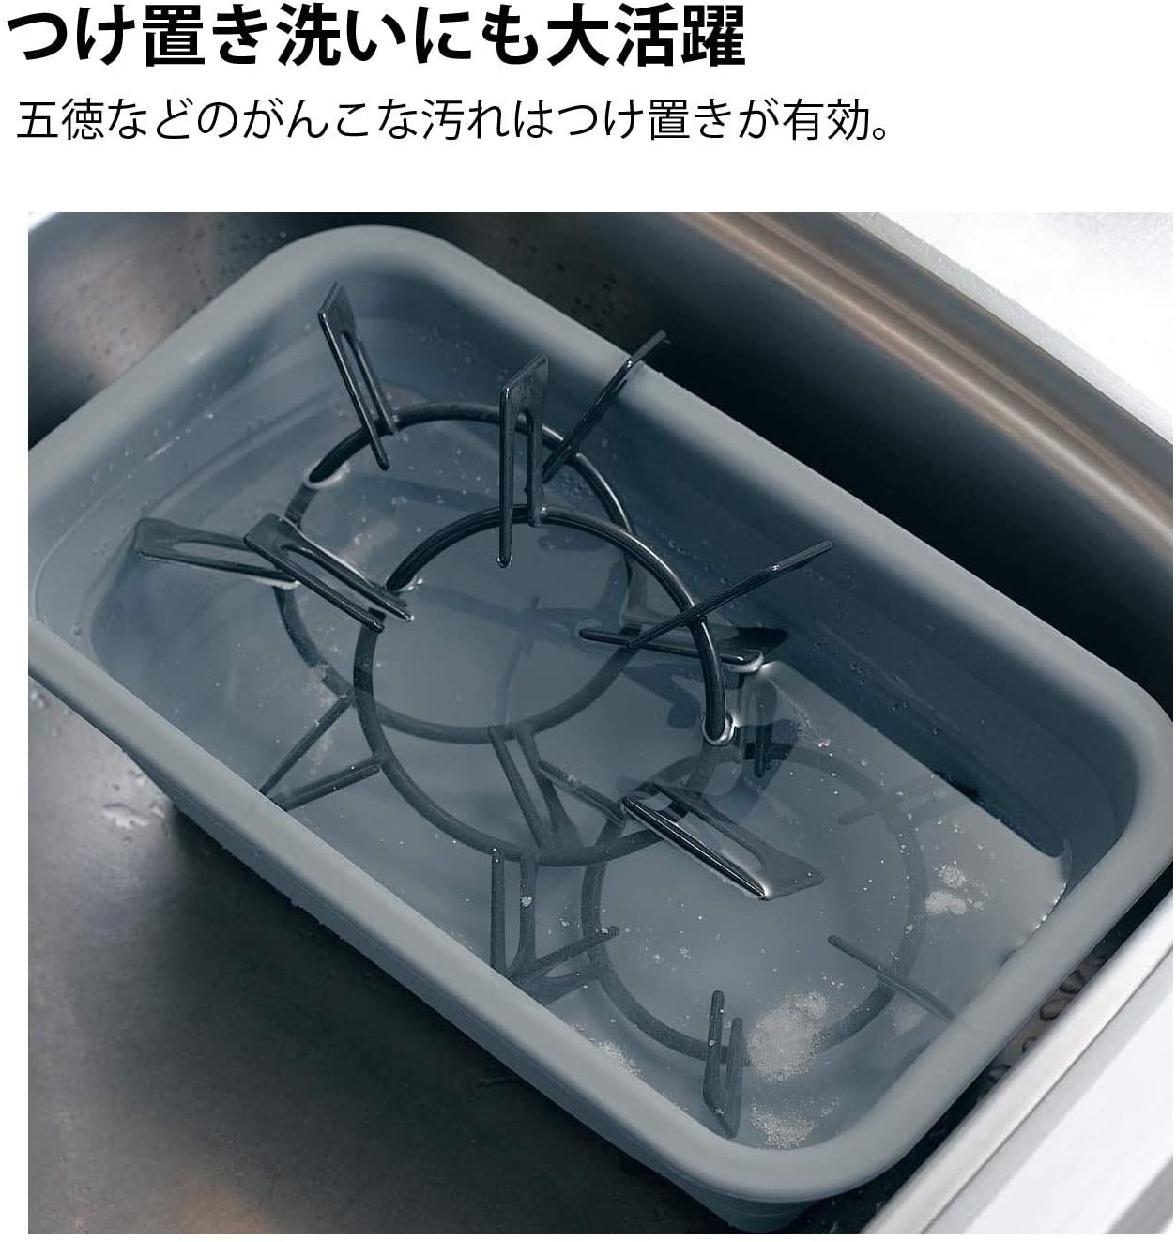 BELL MAISON(ベルメゾン) ステンレス芯材入りの折りたためるシリコーンゴム製スリム洗い桶 グレーの商品画像5